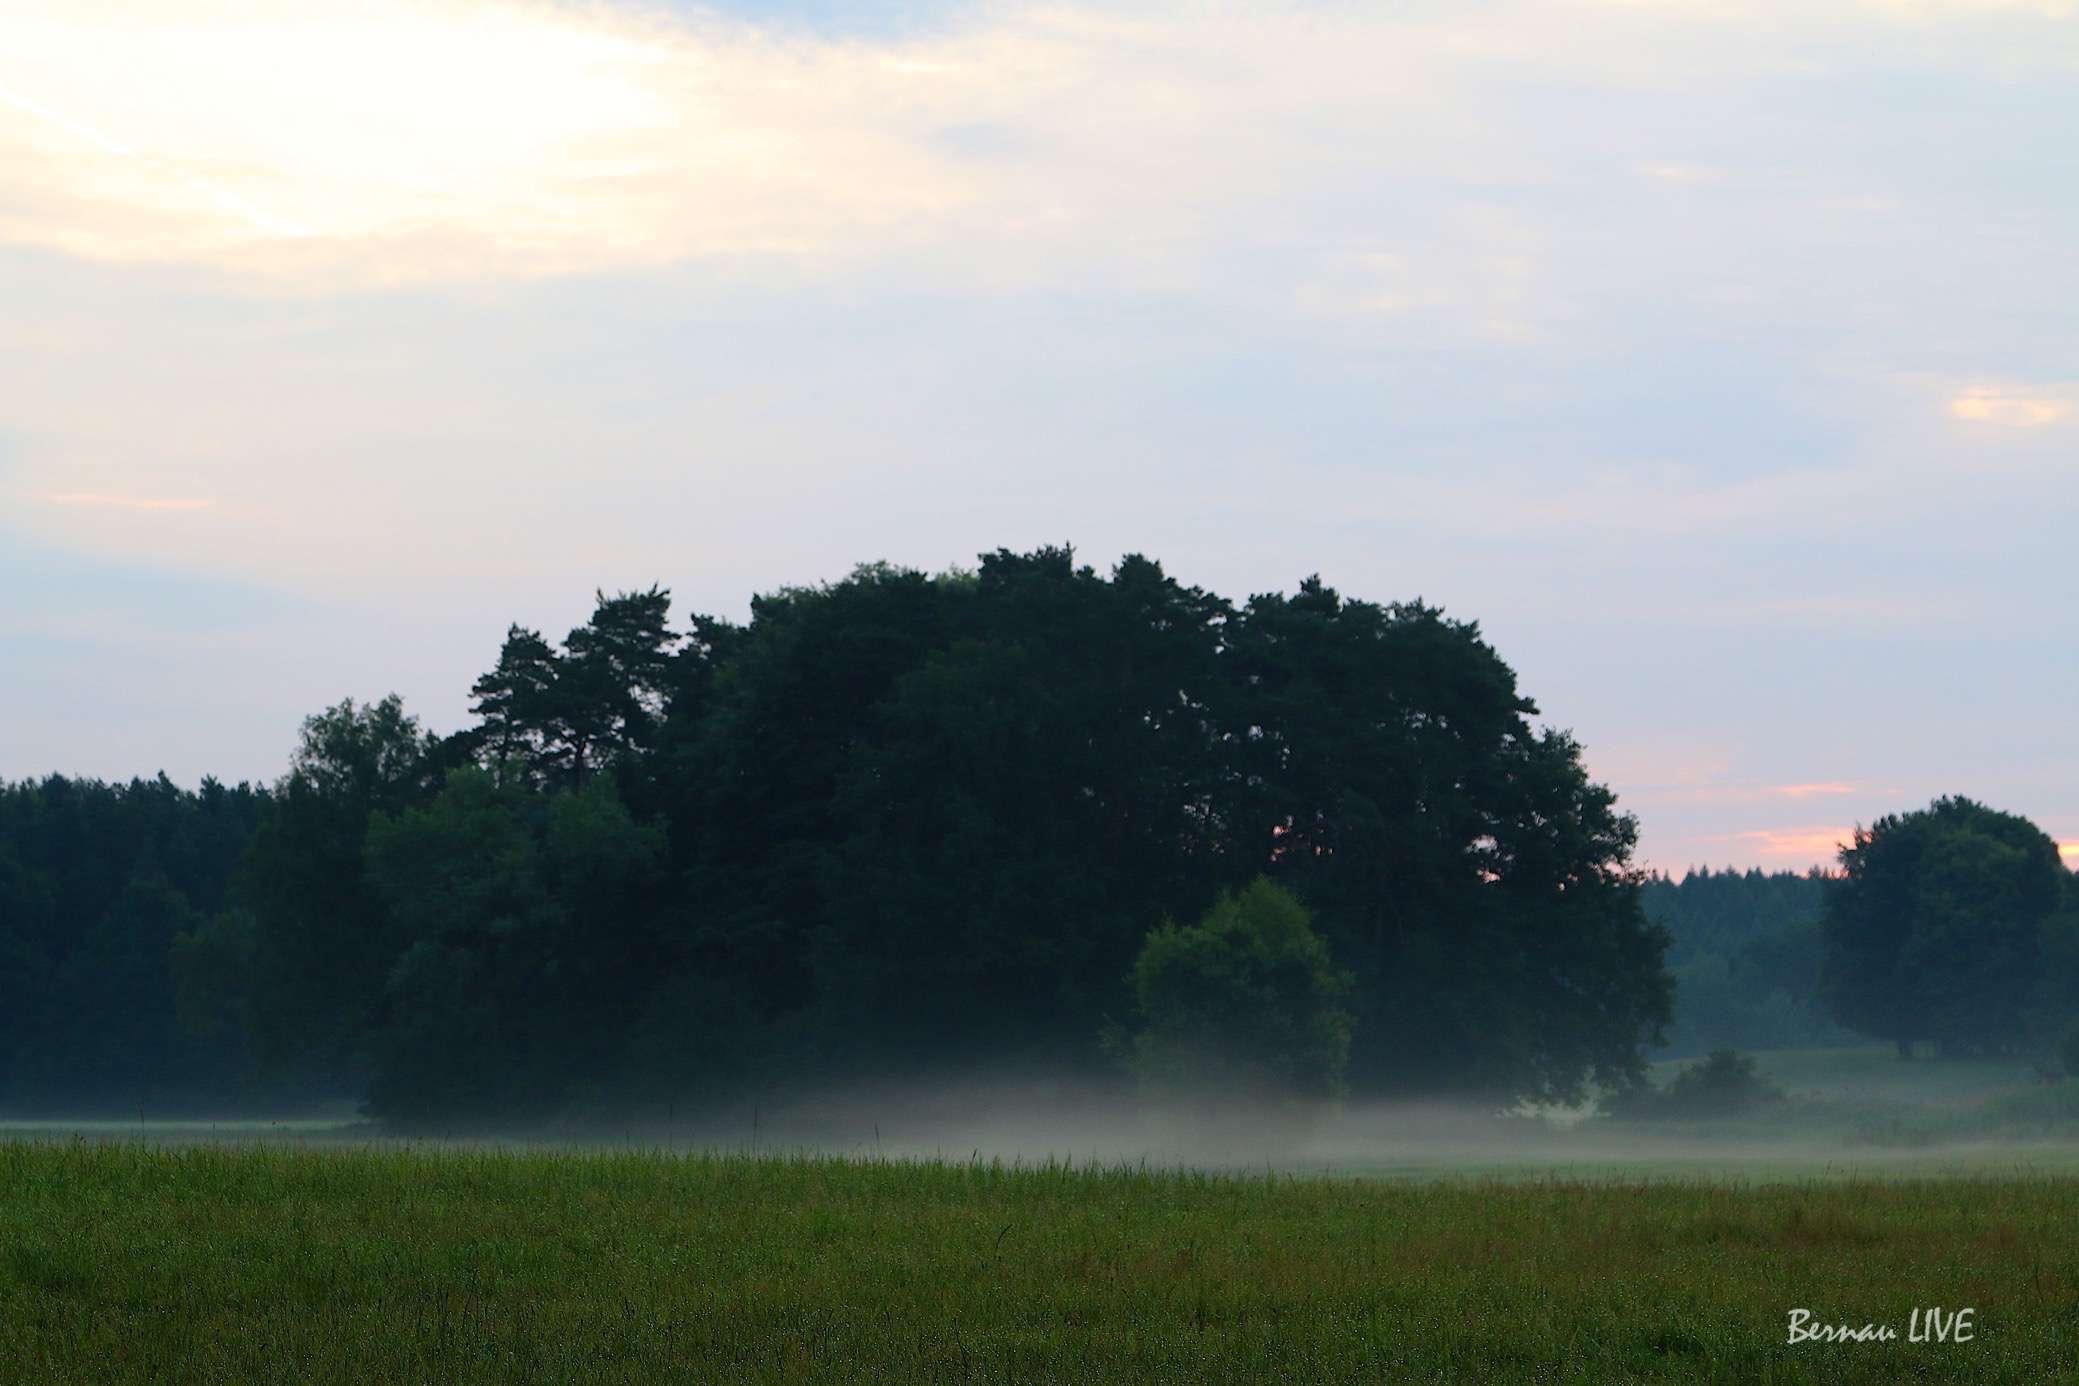 Bernau: Guten Morgen und willkommen in der neuen Woche